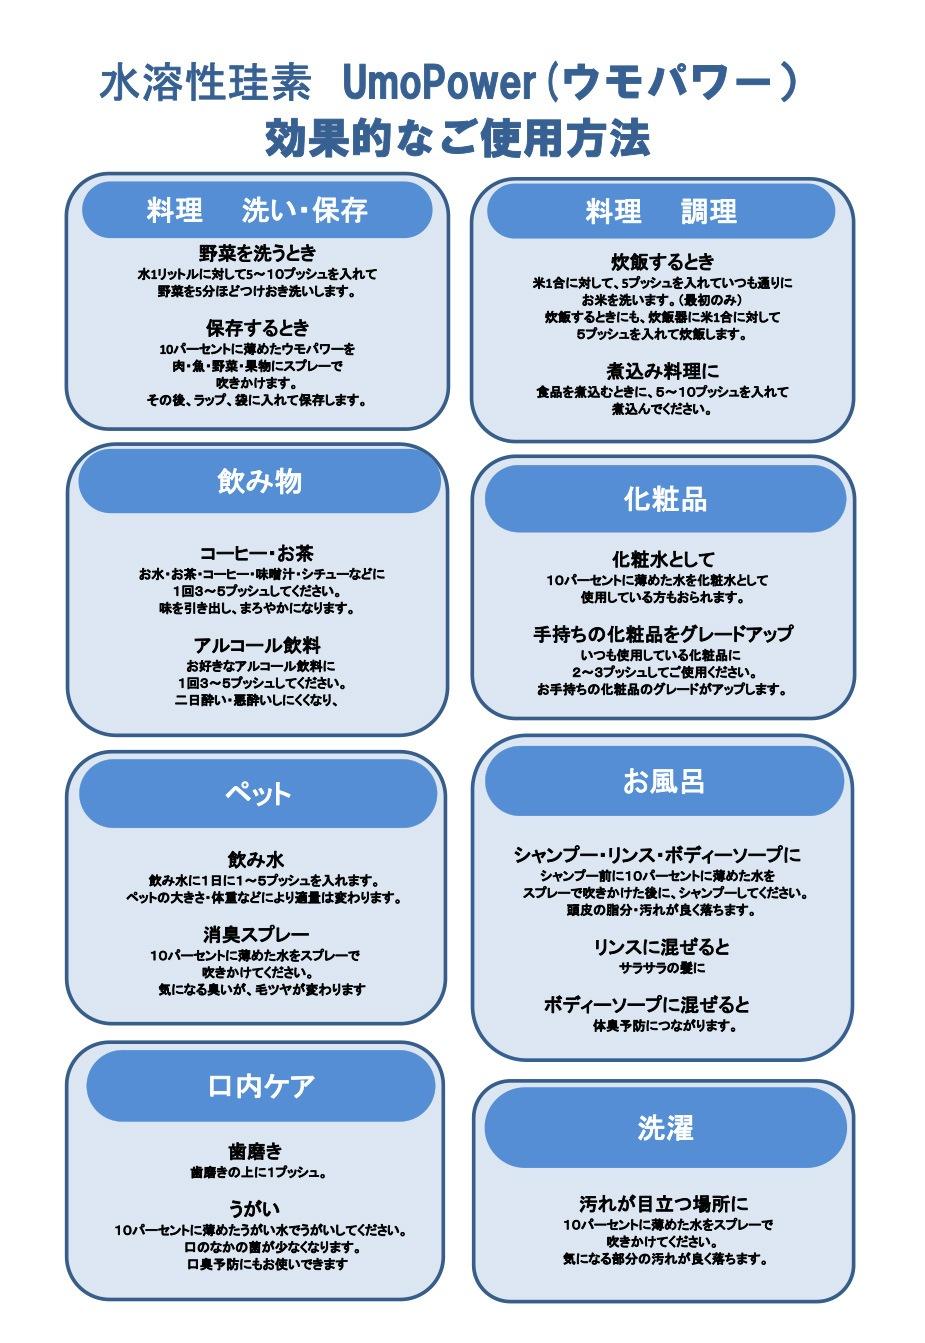 UMO Power(ウモパワー)の使用用途